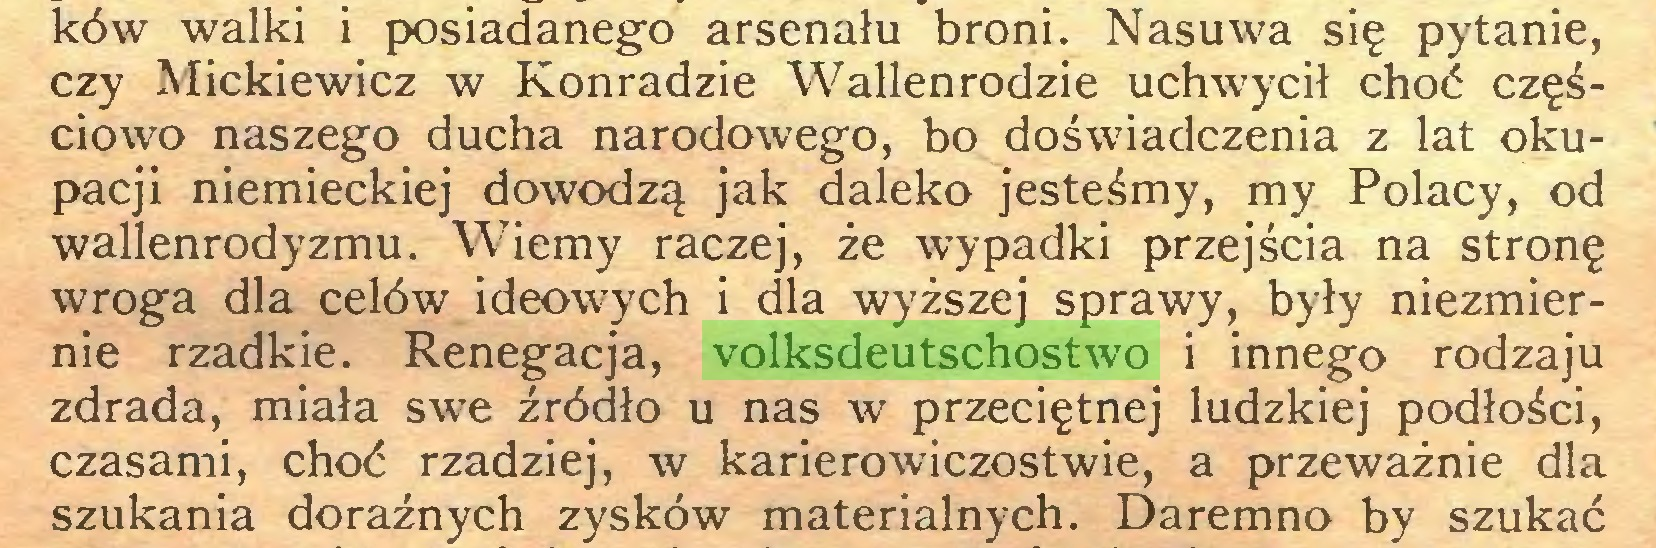 (...) ków walki i posiadanego arsenału broni. Nasuwa się pytanie, czy Mickiewicz w Konradzie Wallenrodzie uchwycił choć częściowo naszego ducha narodowego, bo doświadczenia z lat okupacji niemieckiej dowodzą jak daleko jesteśmy, my Polacy, od wallenrodyzmu. Wiemy raczej, że wypadki przejścia na stronę wroga dla celów ideowych i dla wyższej sprawy, były niezmiernie rzadkie. Renegacja, volksdeutschostwo i innego rodzaju zdrada, miała swe źródło u nas w przeciętnej ludzkiej podłości, czasami, choć rzadziej, w karierowiczostwie, a przeważnie dla szukania doraźnych zysków materialnych. Daremno by szukać...